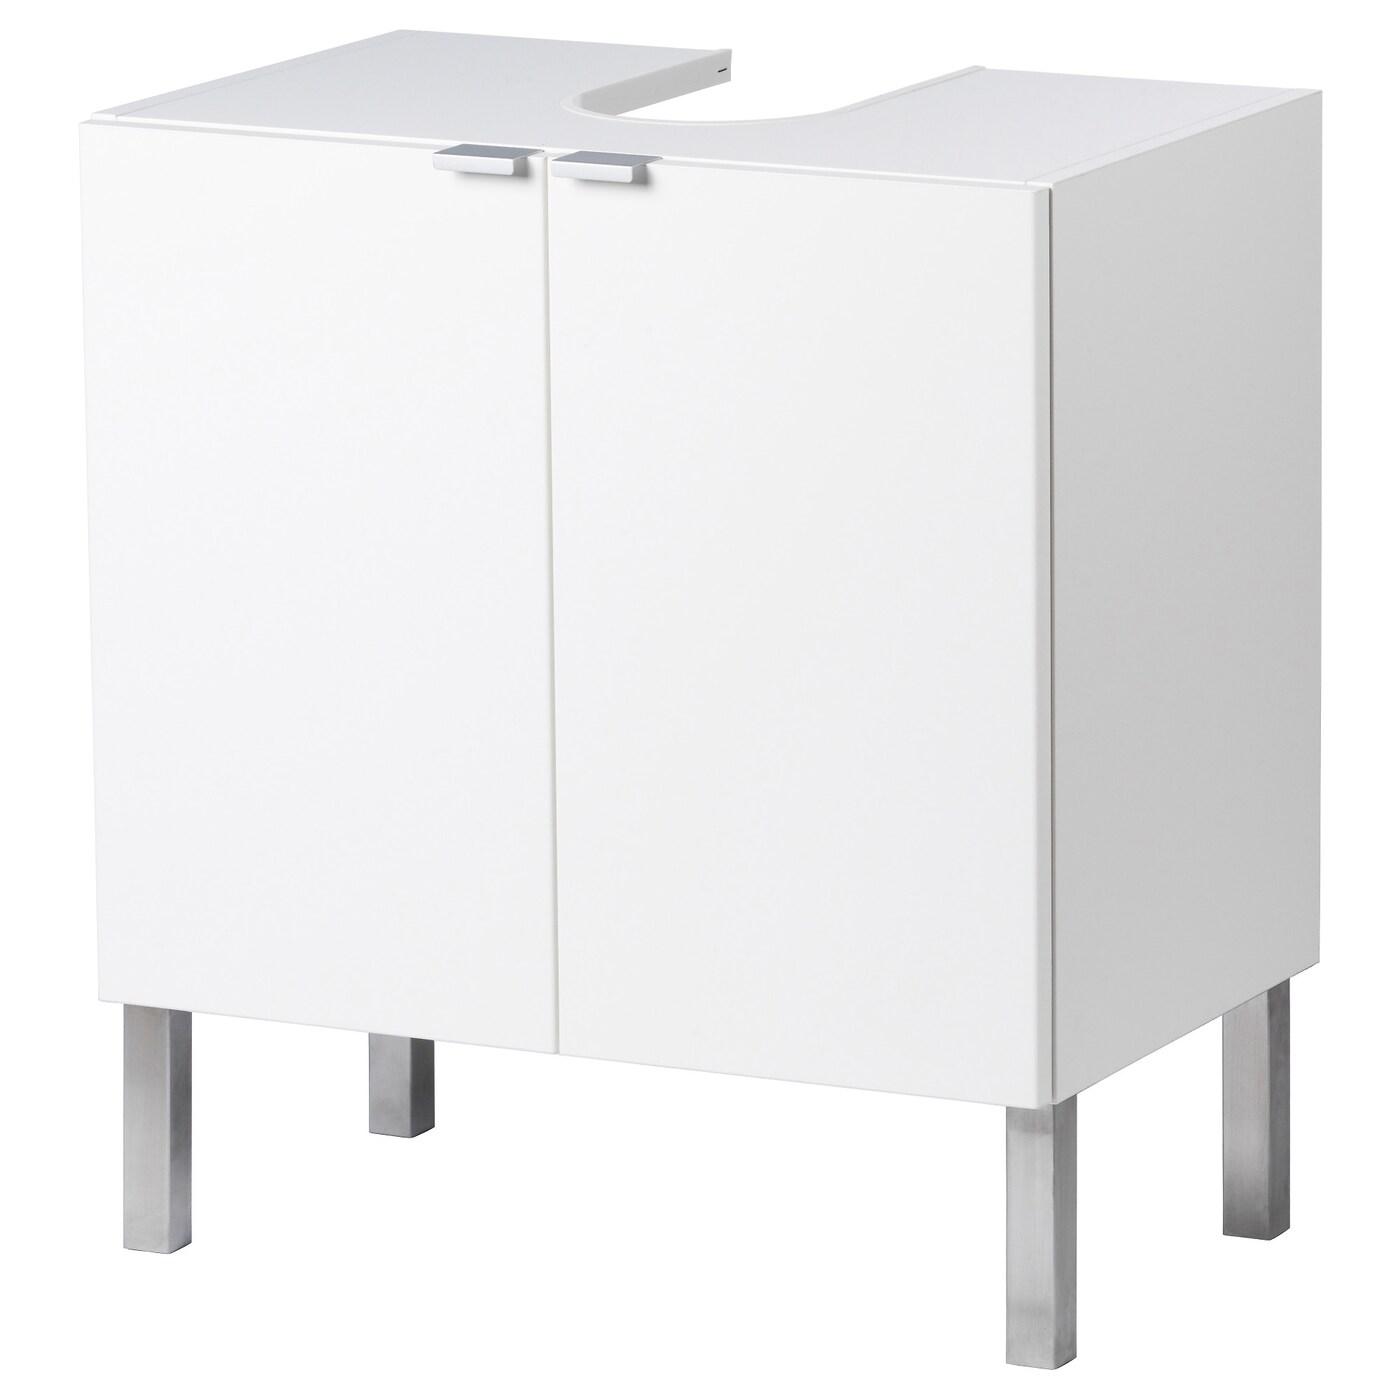 LILLÅNGEN Waschbeckenunterschrank, 11 türen - weiß 11x11x11 cm